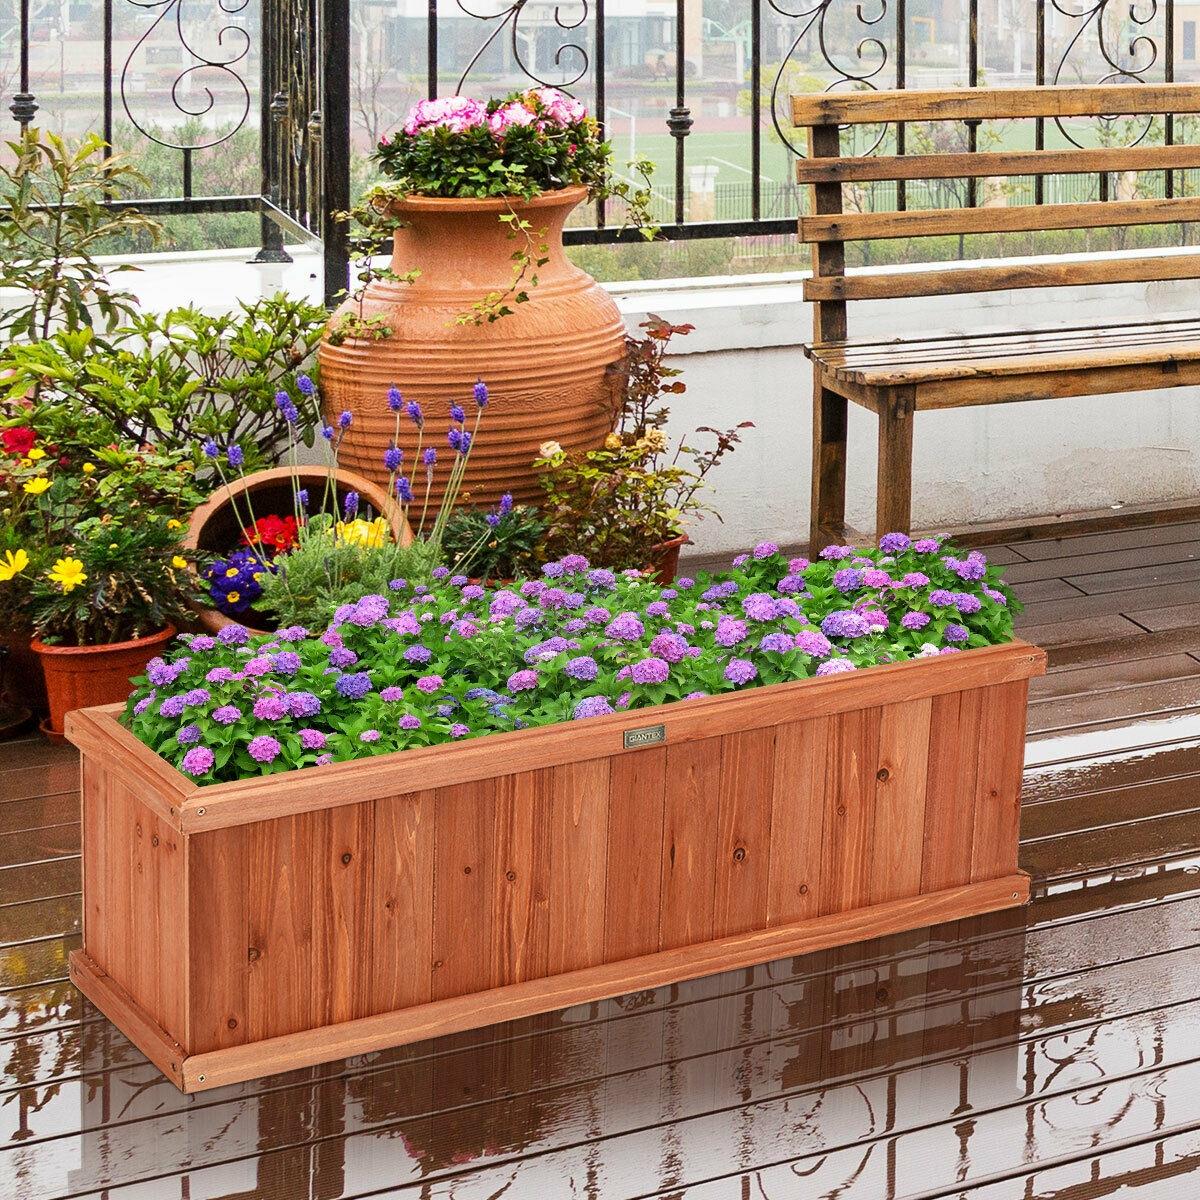 40 Inch Wooden Flower Planter Box Garden Yard Decorative Window Box